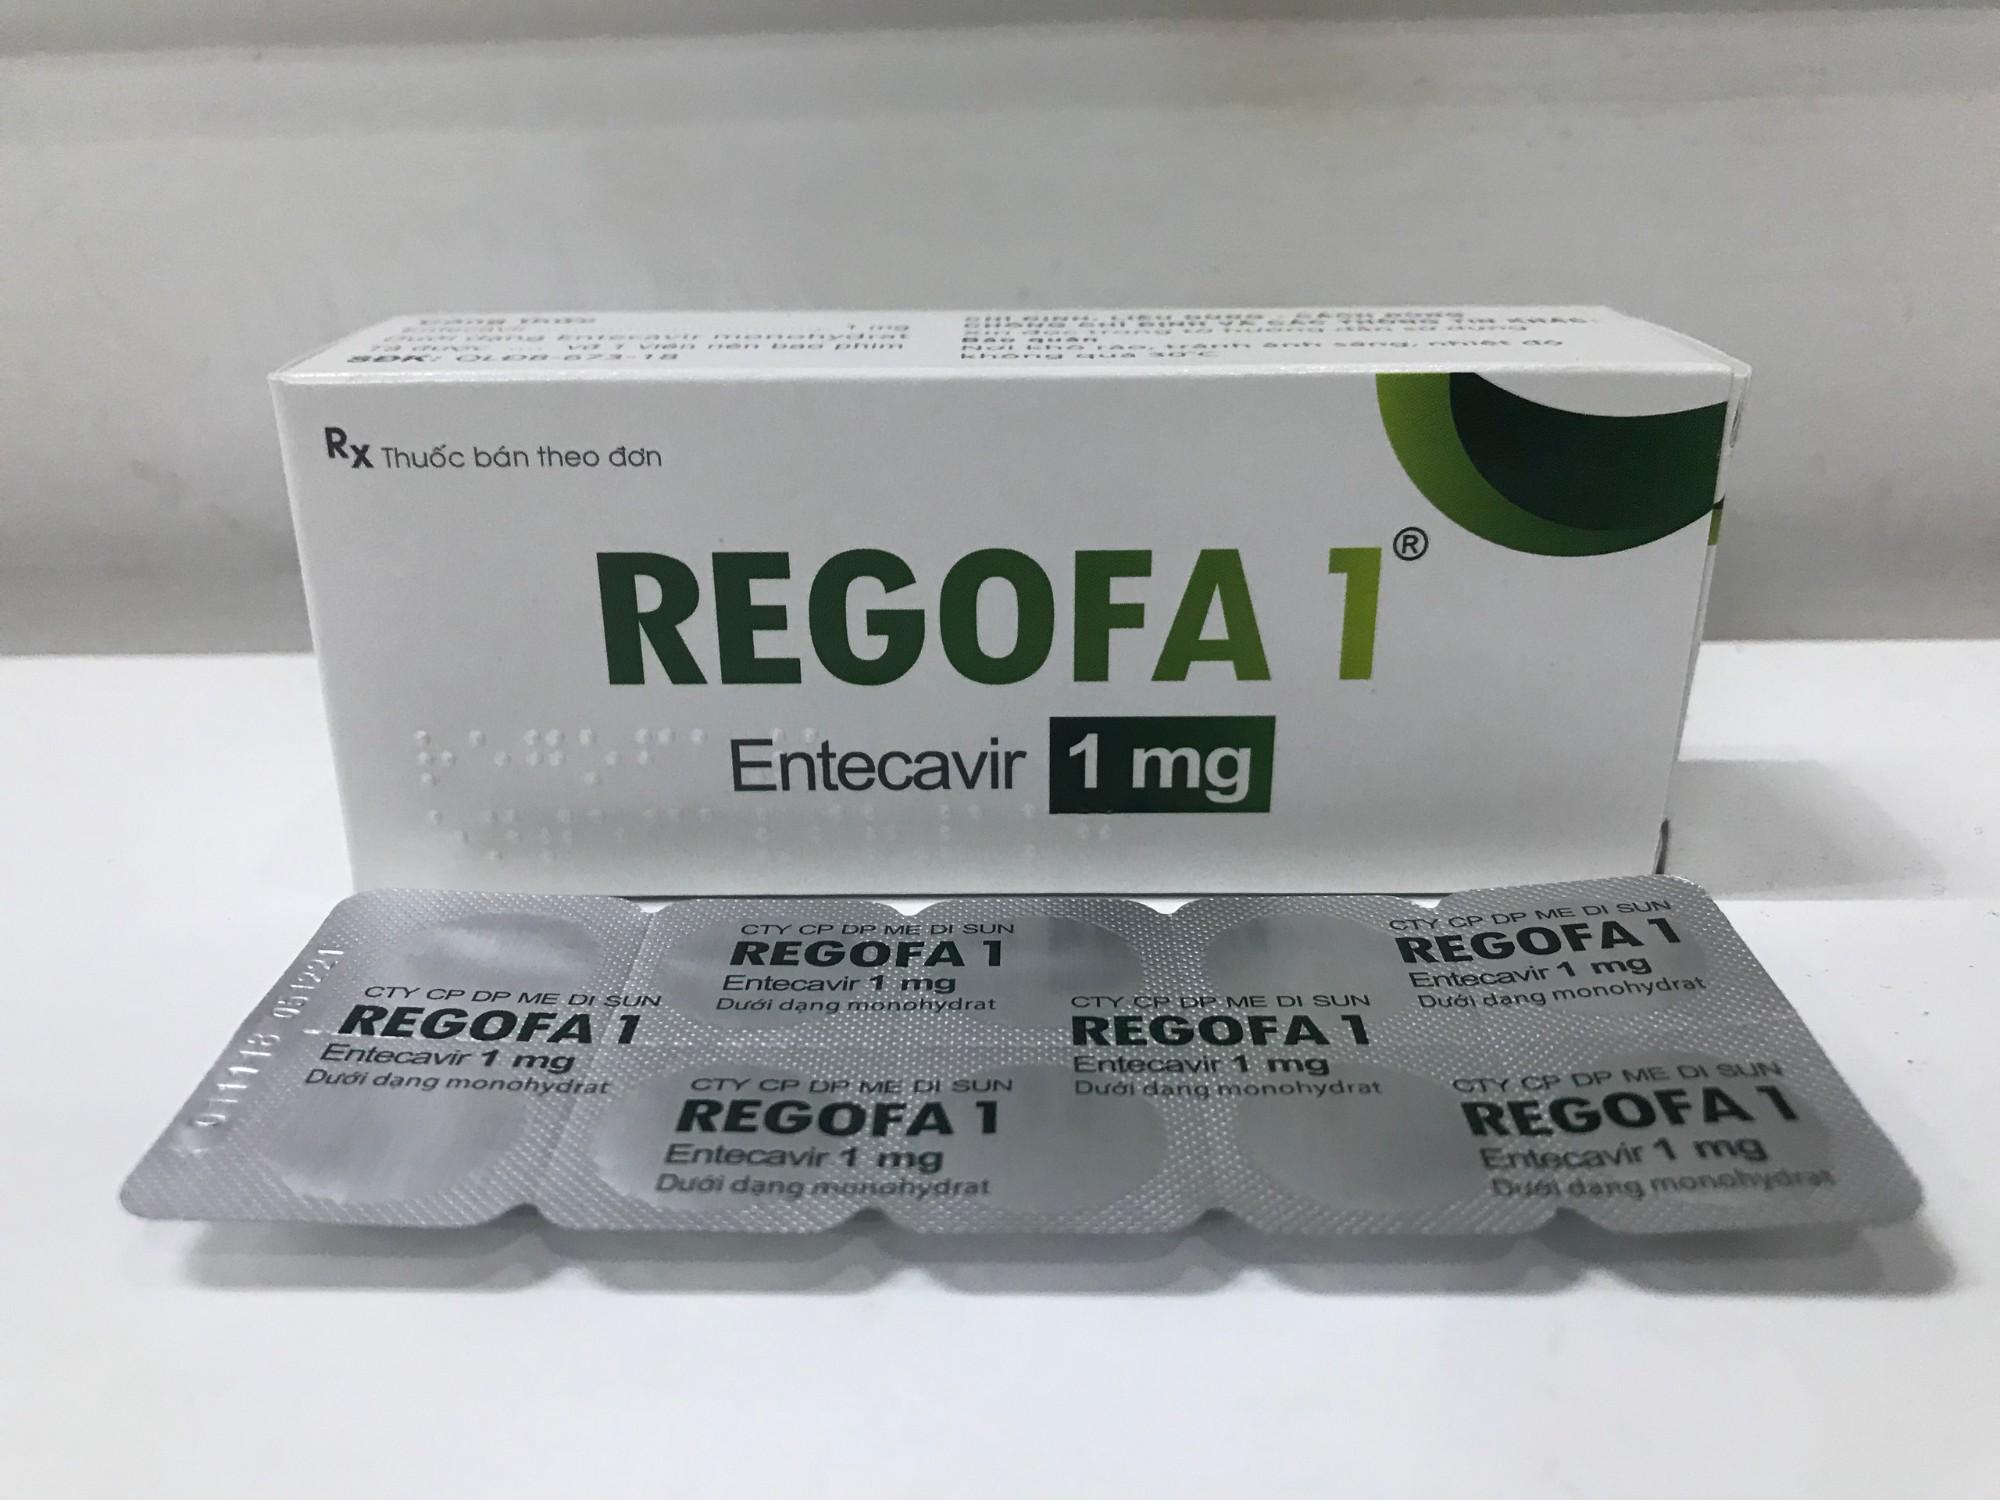 REGOFA 1 (Entecavir 1mg)